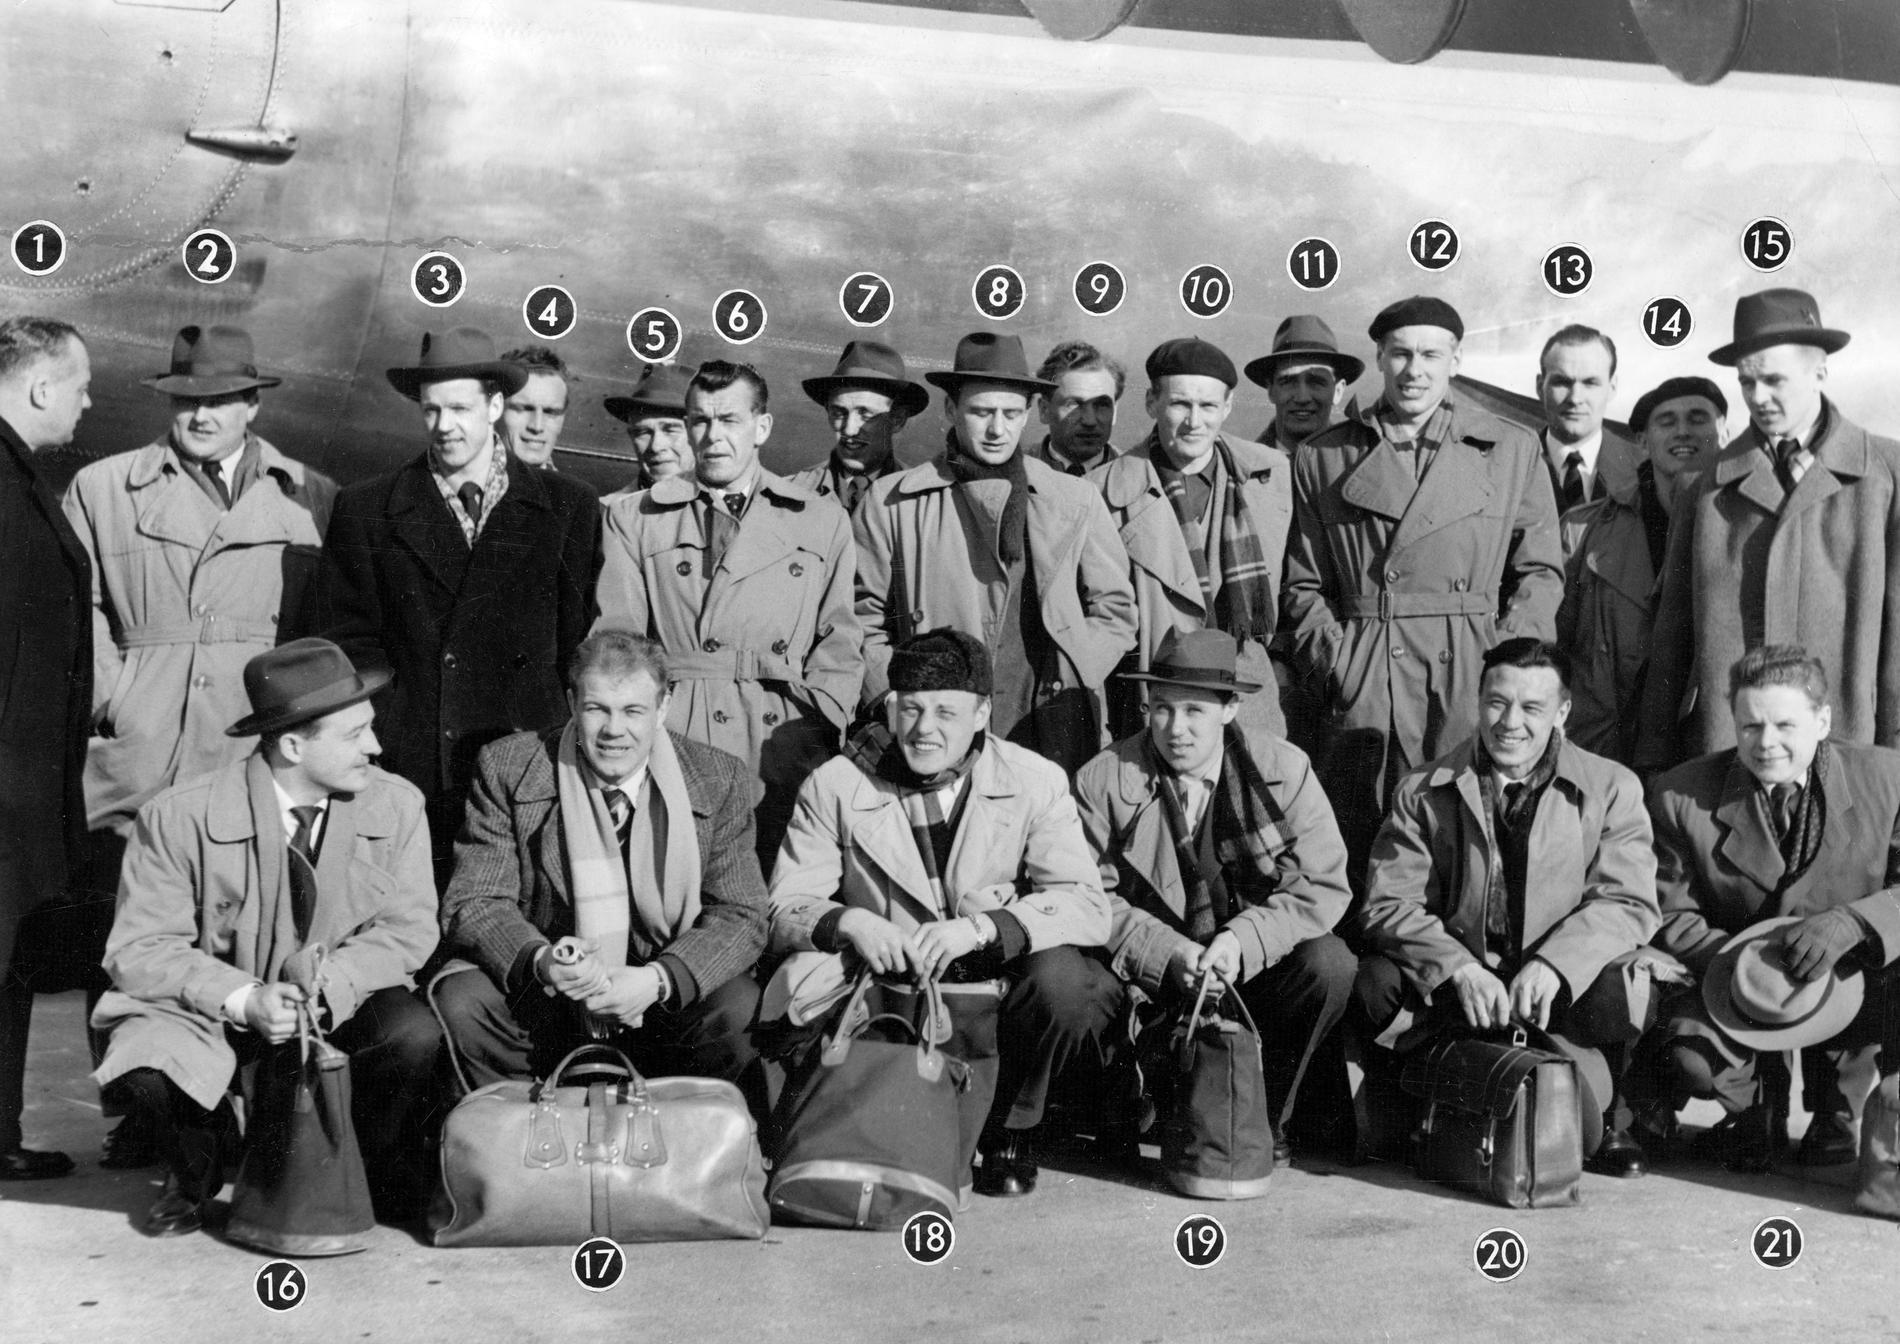 Frank Soo (näst längst till höger på nedre raden) med svenska landslaget 1955.